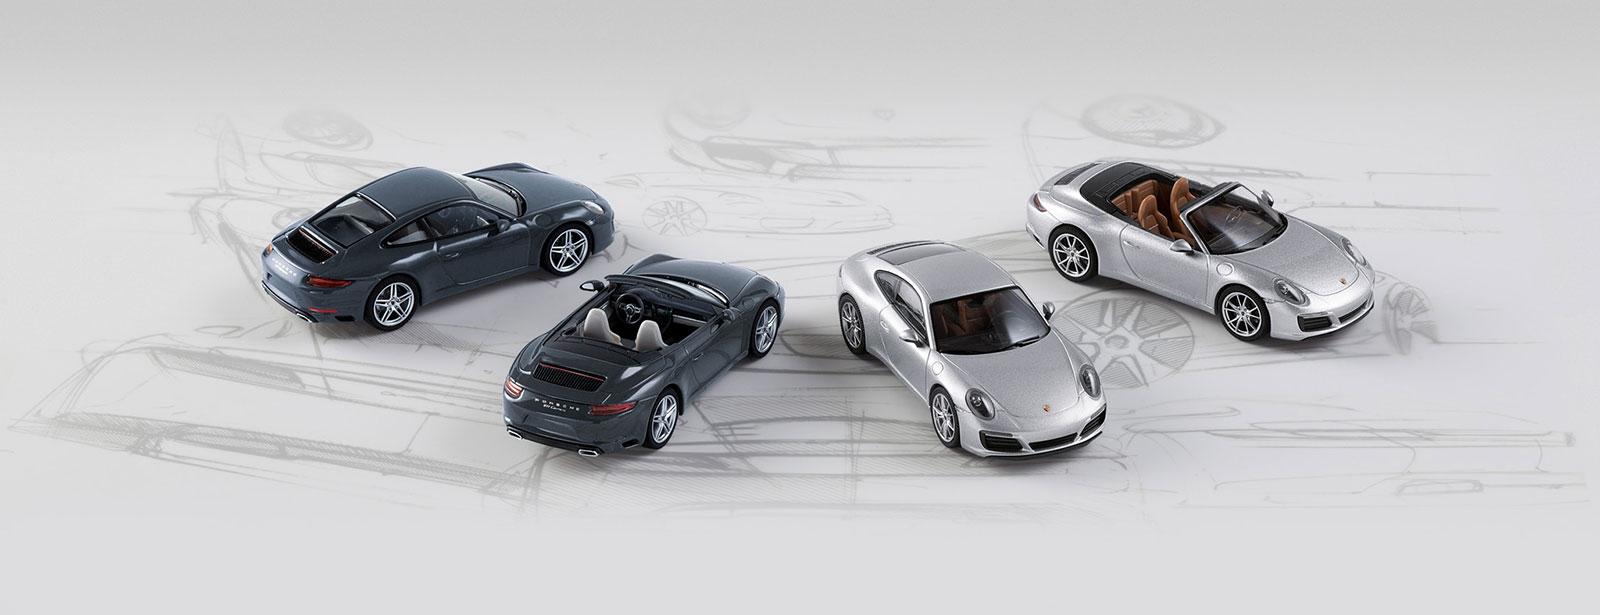 Modellautowochen